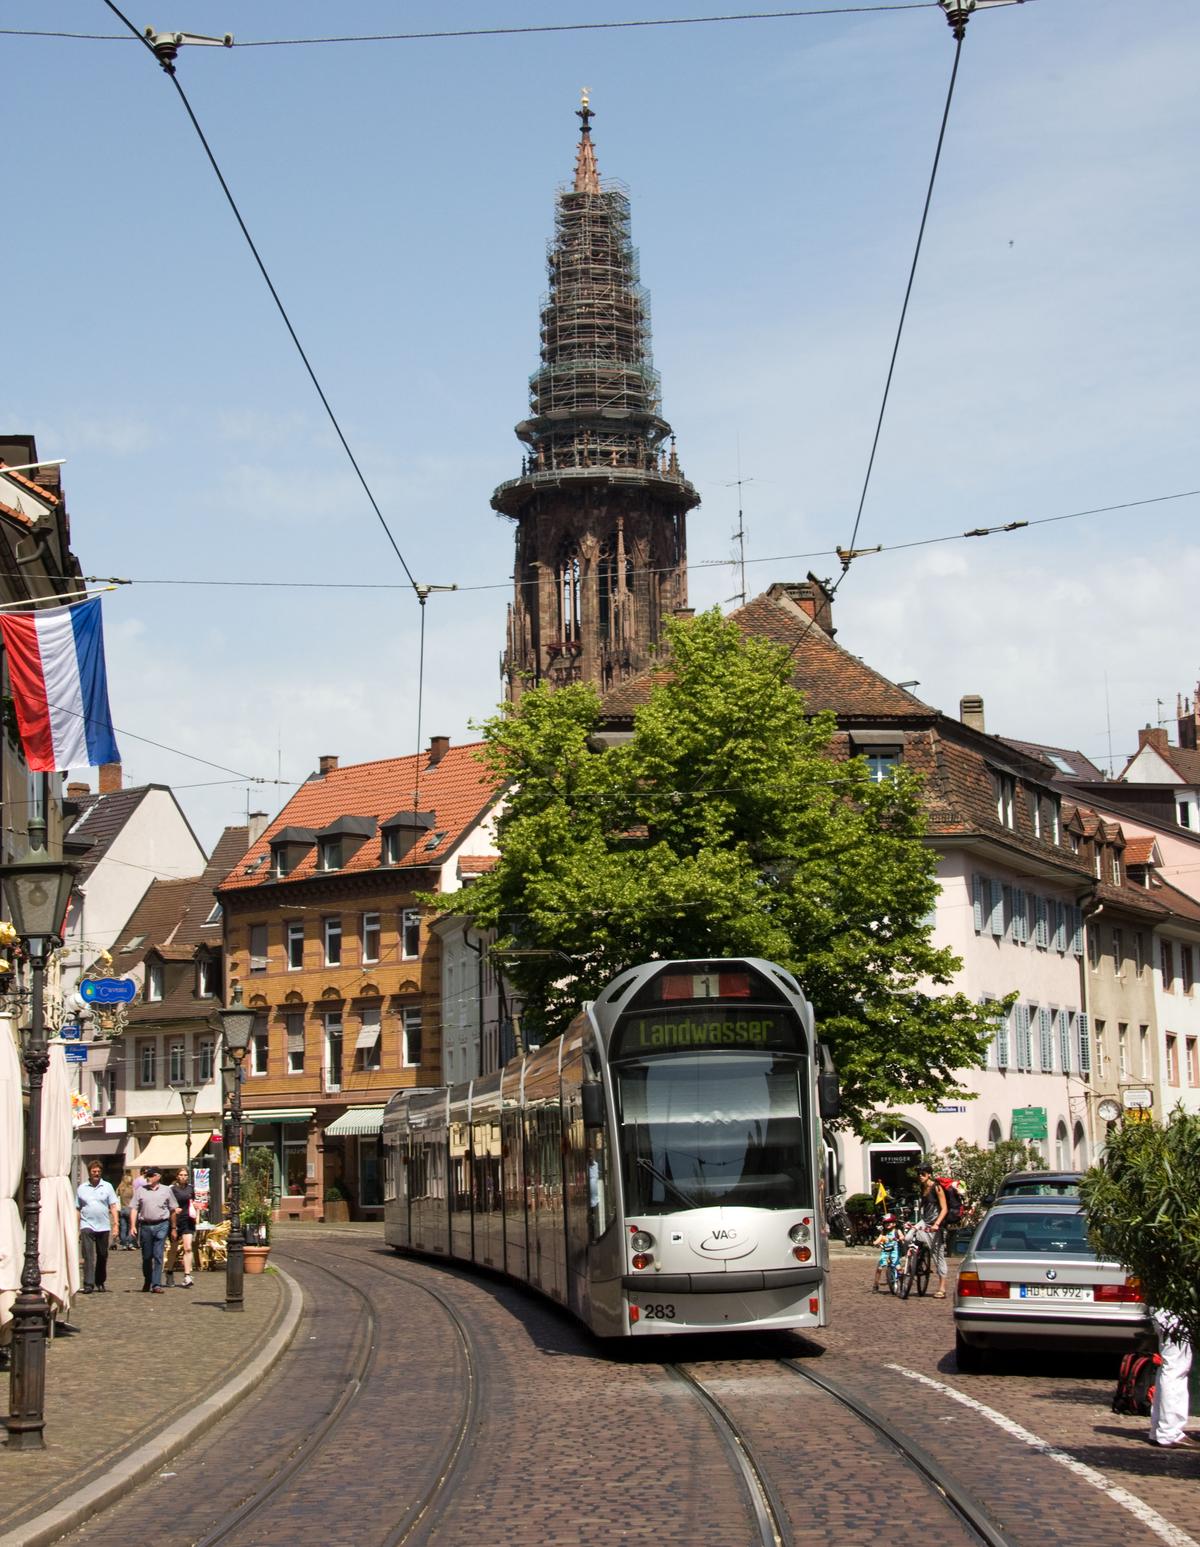 Flirten in freiburg im breisgau Singlebörsen Freiburg Im Breisgau: Badische Zeitung Freiburg Bekanntschaften